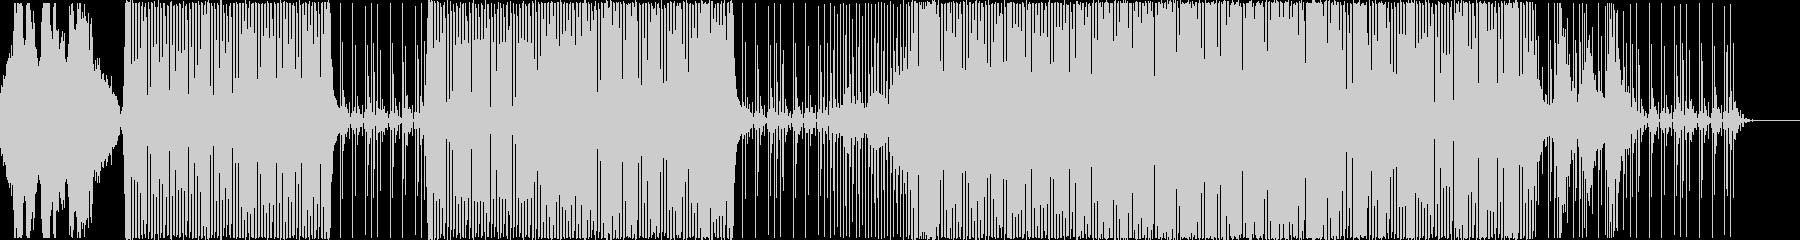 ミステリアスなキック強めのハウスBGMの未再生の波形